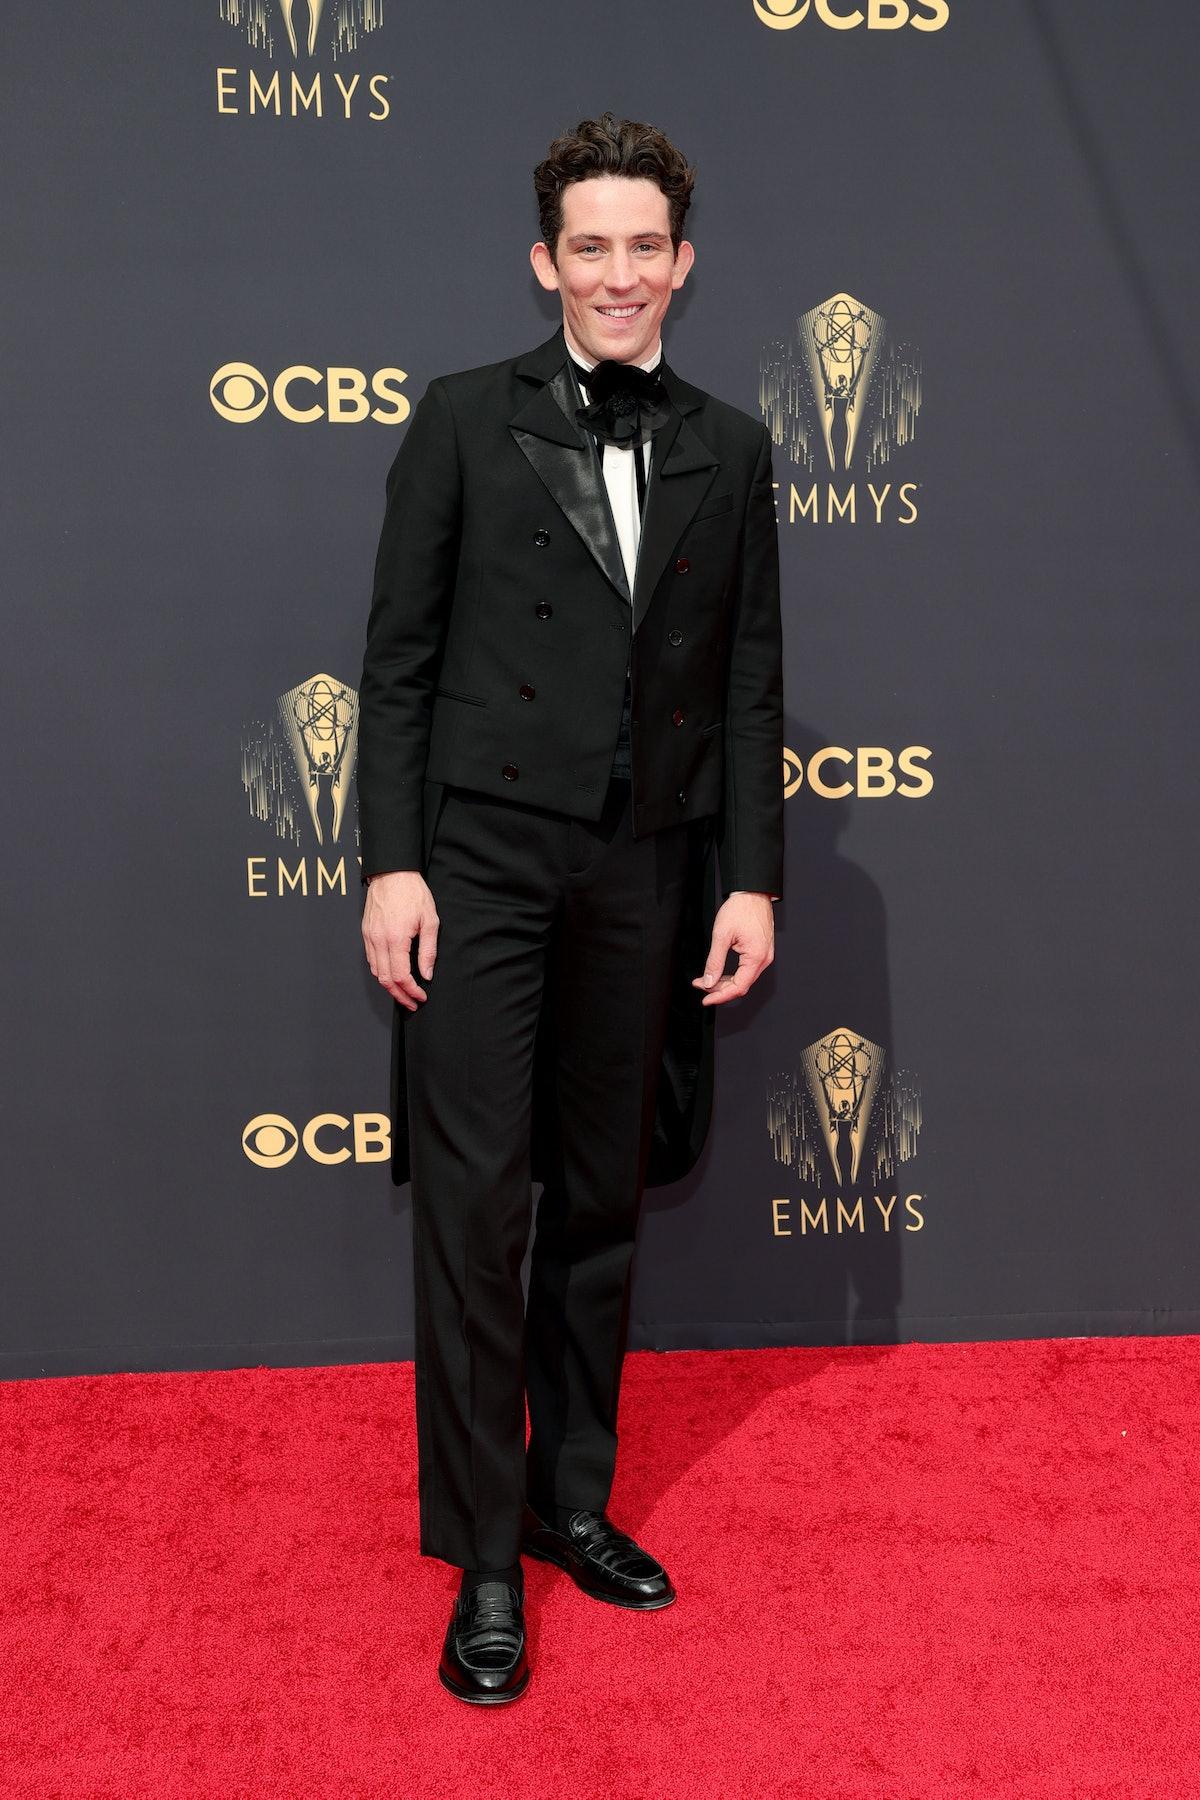 لوس آنجلس ، کالیفرنیا - 19 سپتامبر: جاش اوکانر در 73 مین مراسم اهدای جایزه امی در LA حضور یافت ...